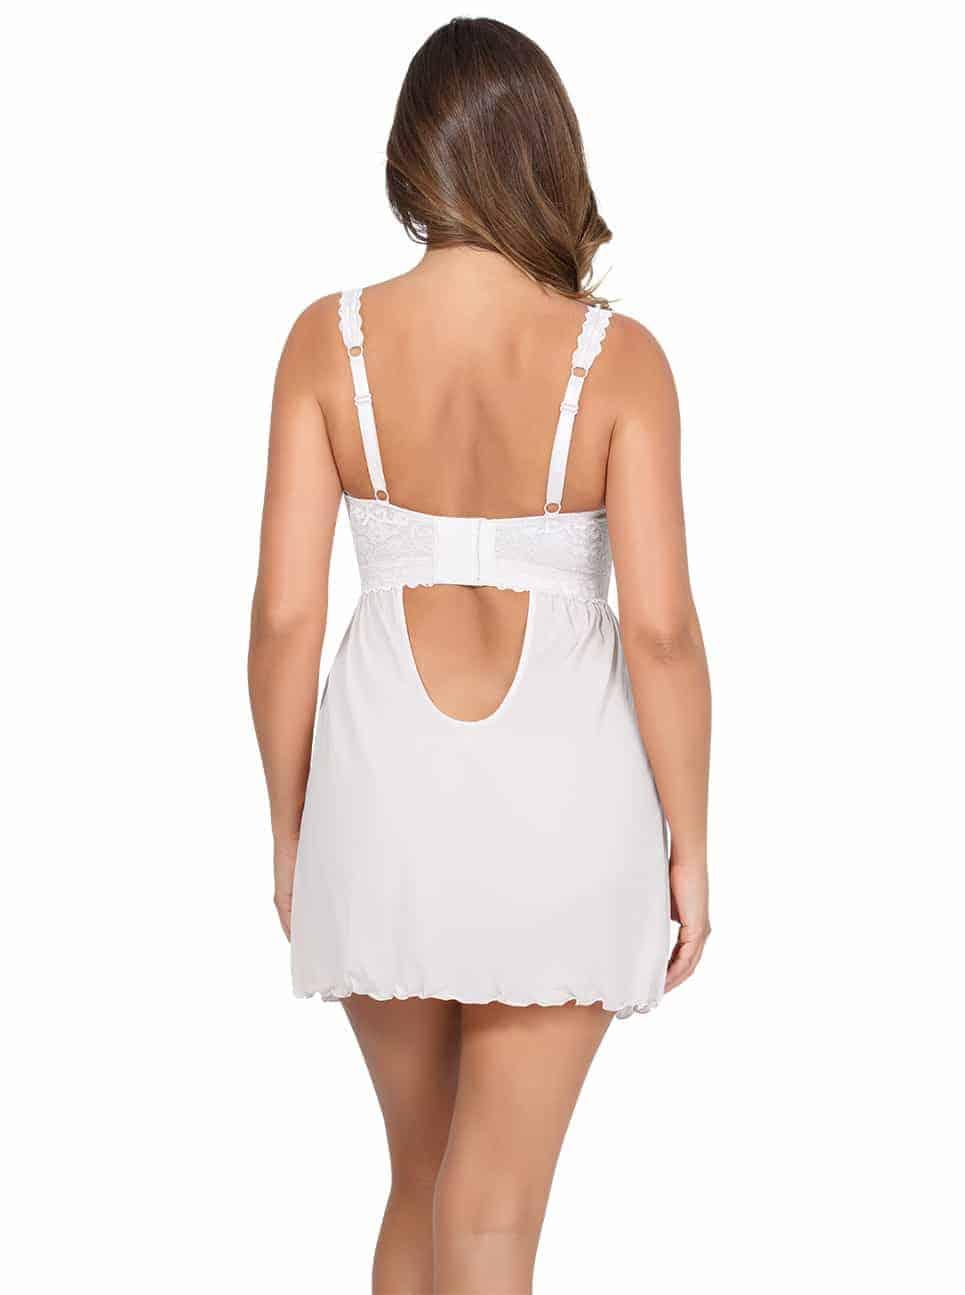 PARFAIT Adriana UnlinedBabydollP5488 BikiniP5483 PearlWhite Back2 - Adriana Unlined Babydoll - Pearl White - P5488